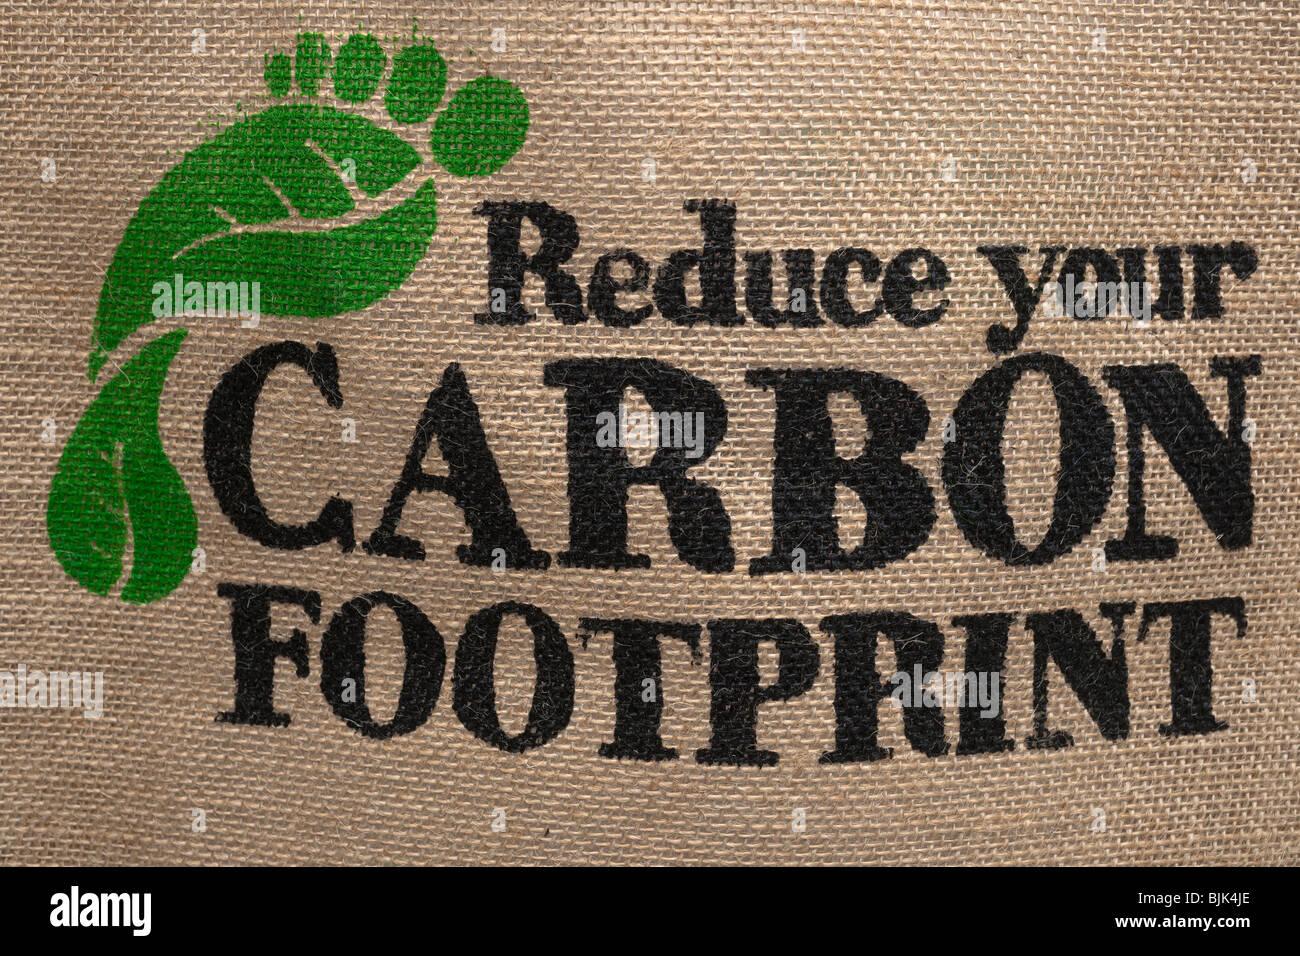 Réduisez votre empreinte carbone Photo Stock